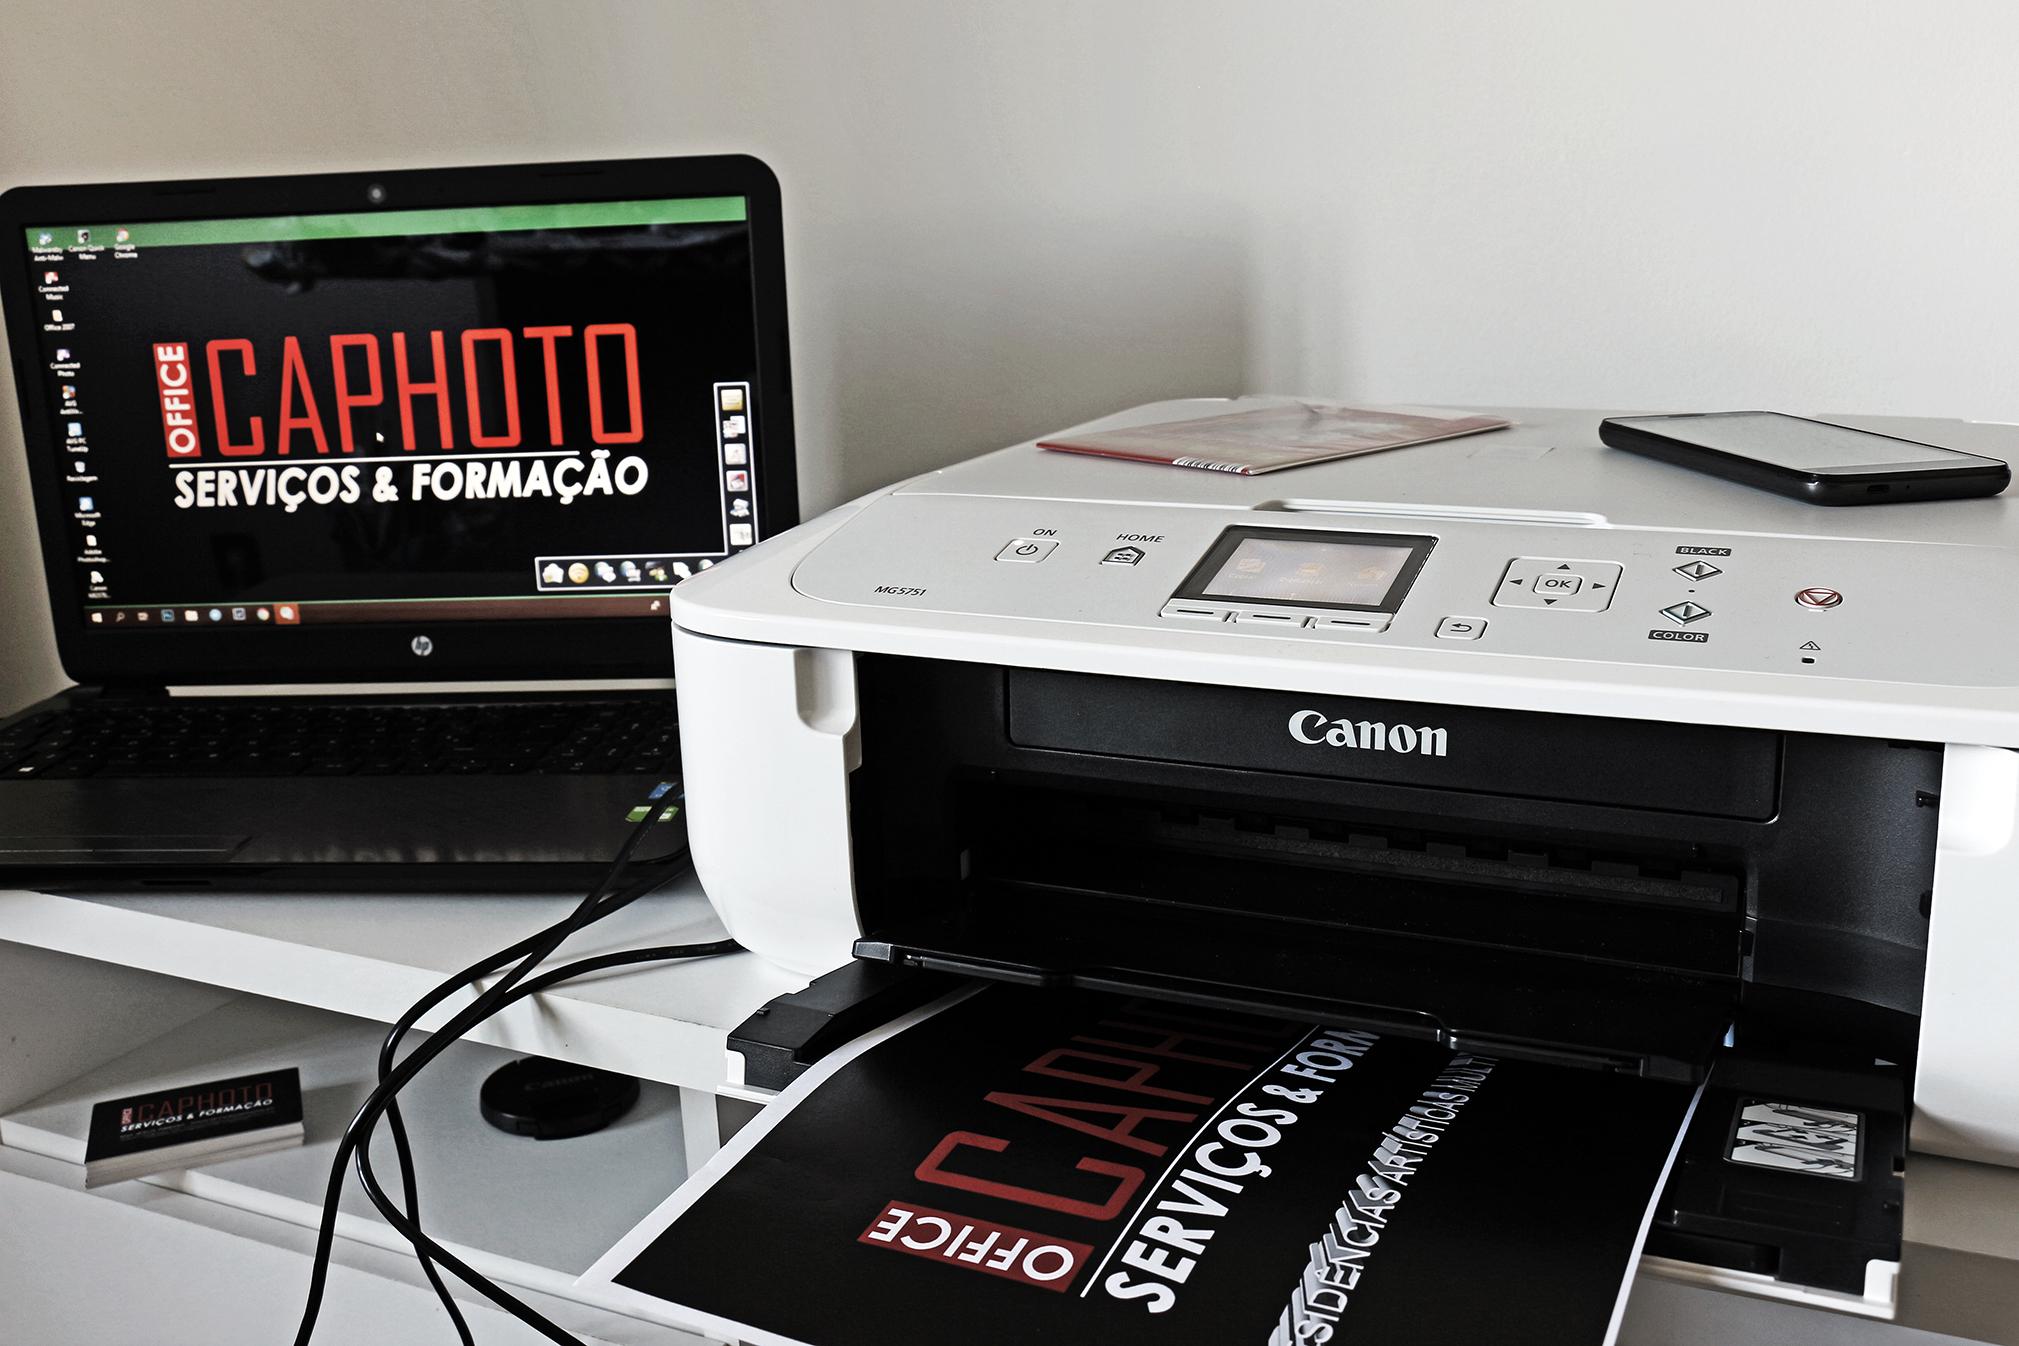 Estúdio Office CAPhoto dispõe de impressora fotográfica CANON Pixma